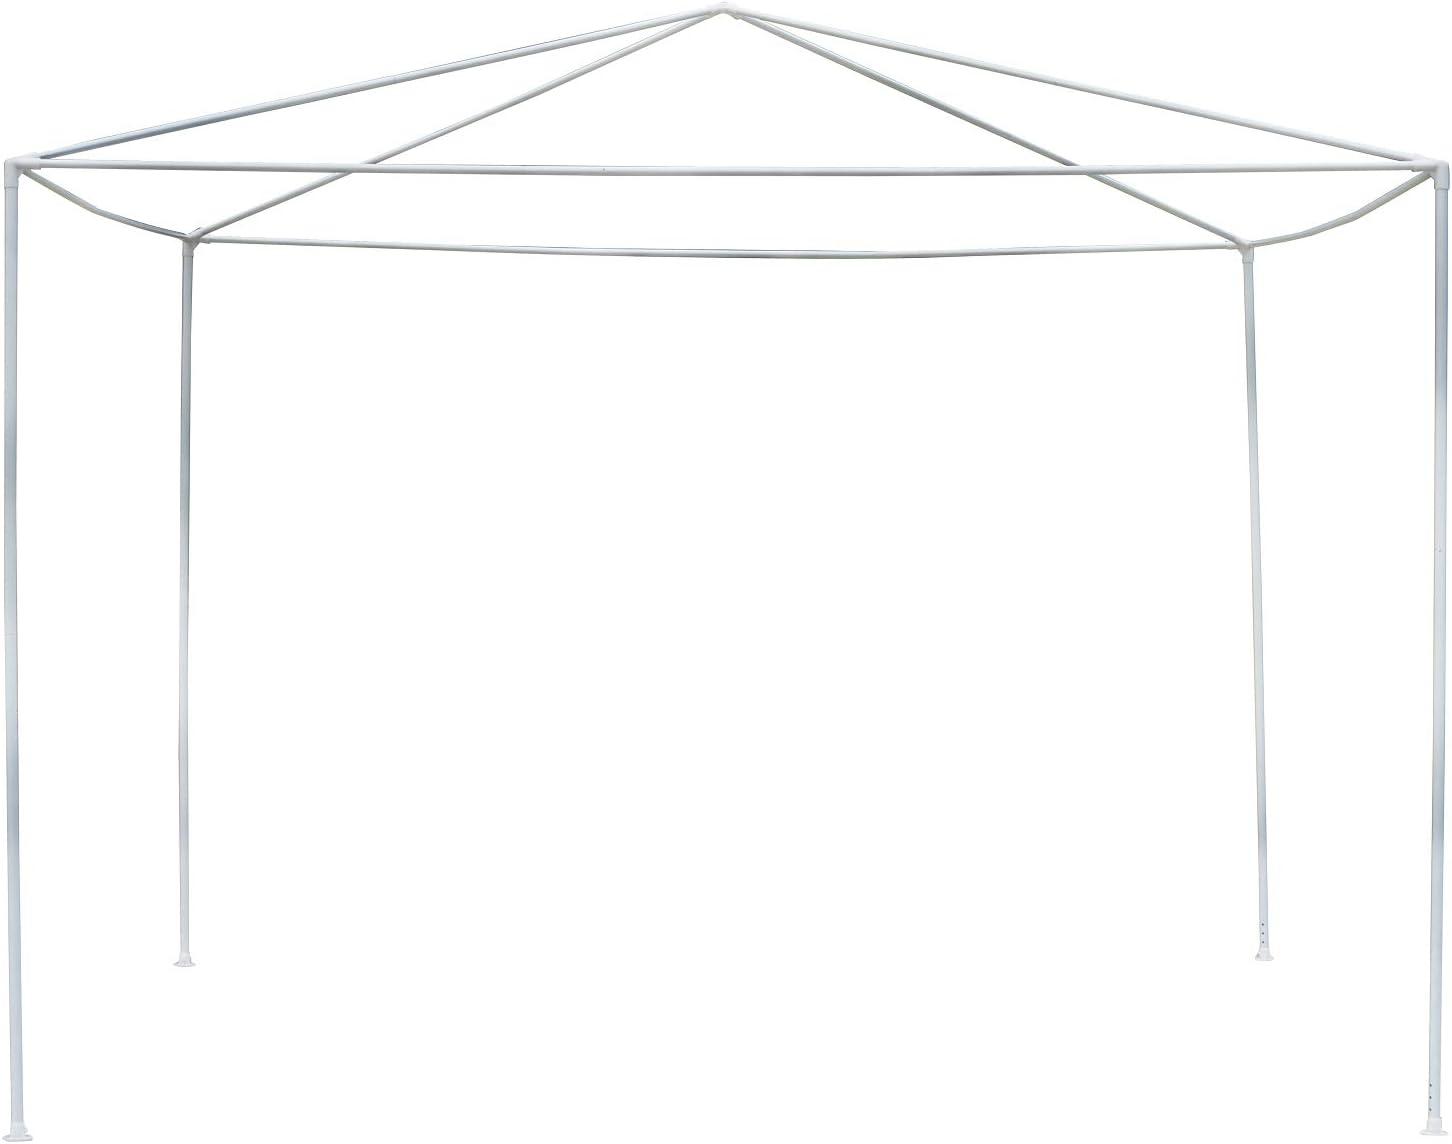 Outsunny Carpa 3x3x2, 45m Pabellón de Jardín de Tubo de Acero Poliester Cenador Tipo Pérgola Blanco para Fiesta Boda: Amazon.es: Jardín